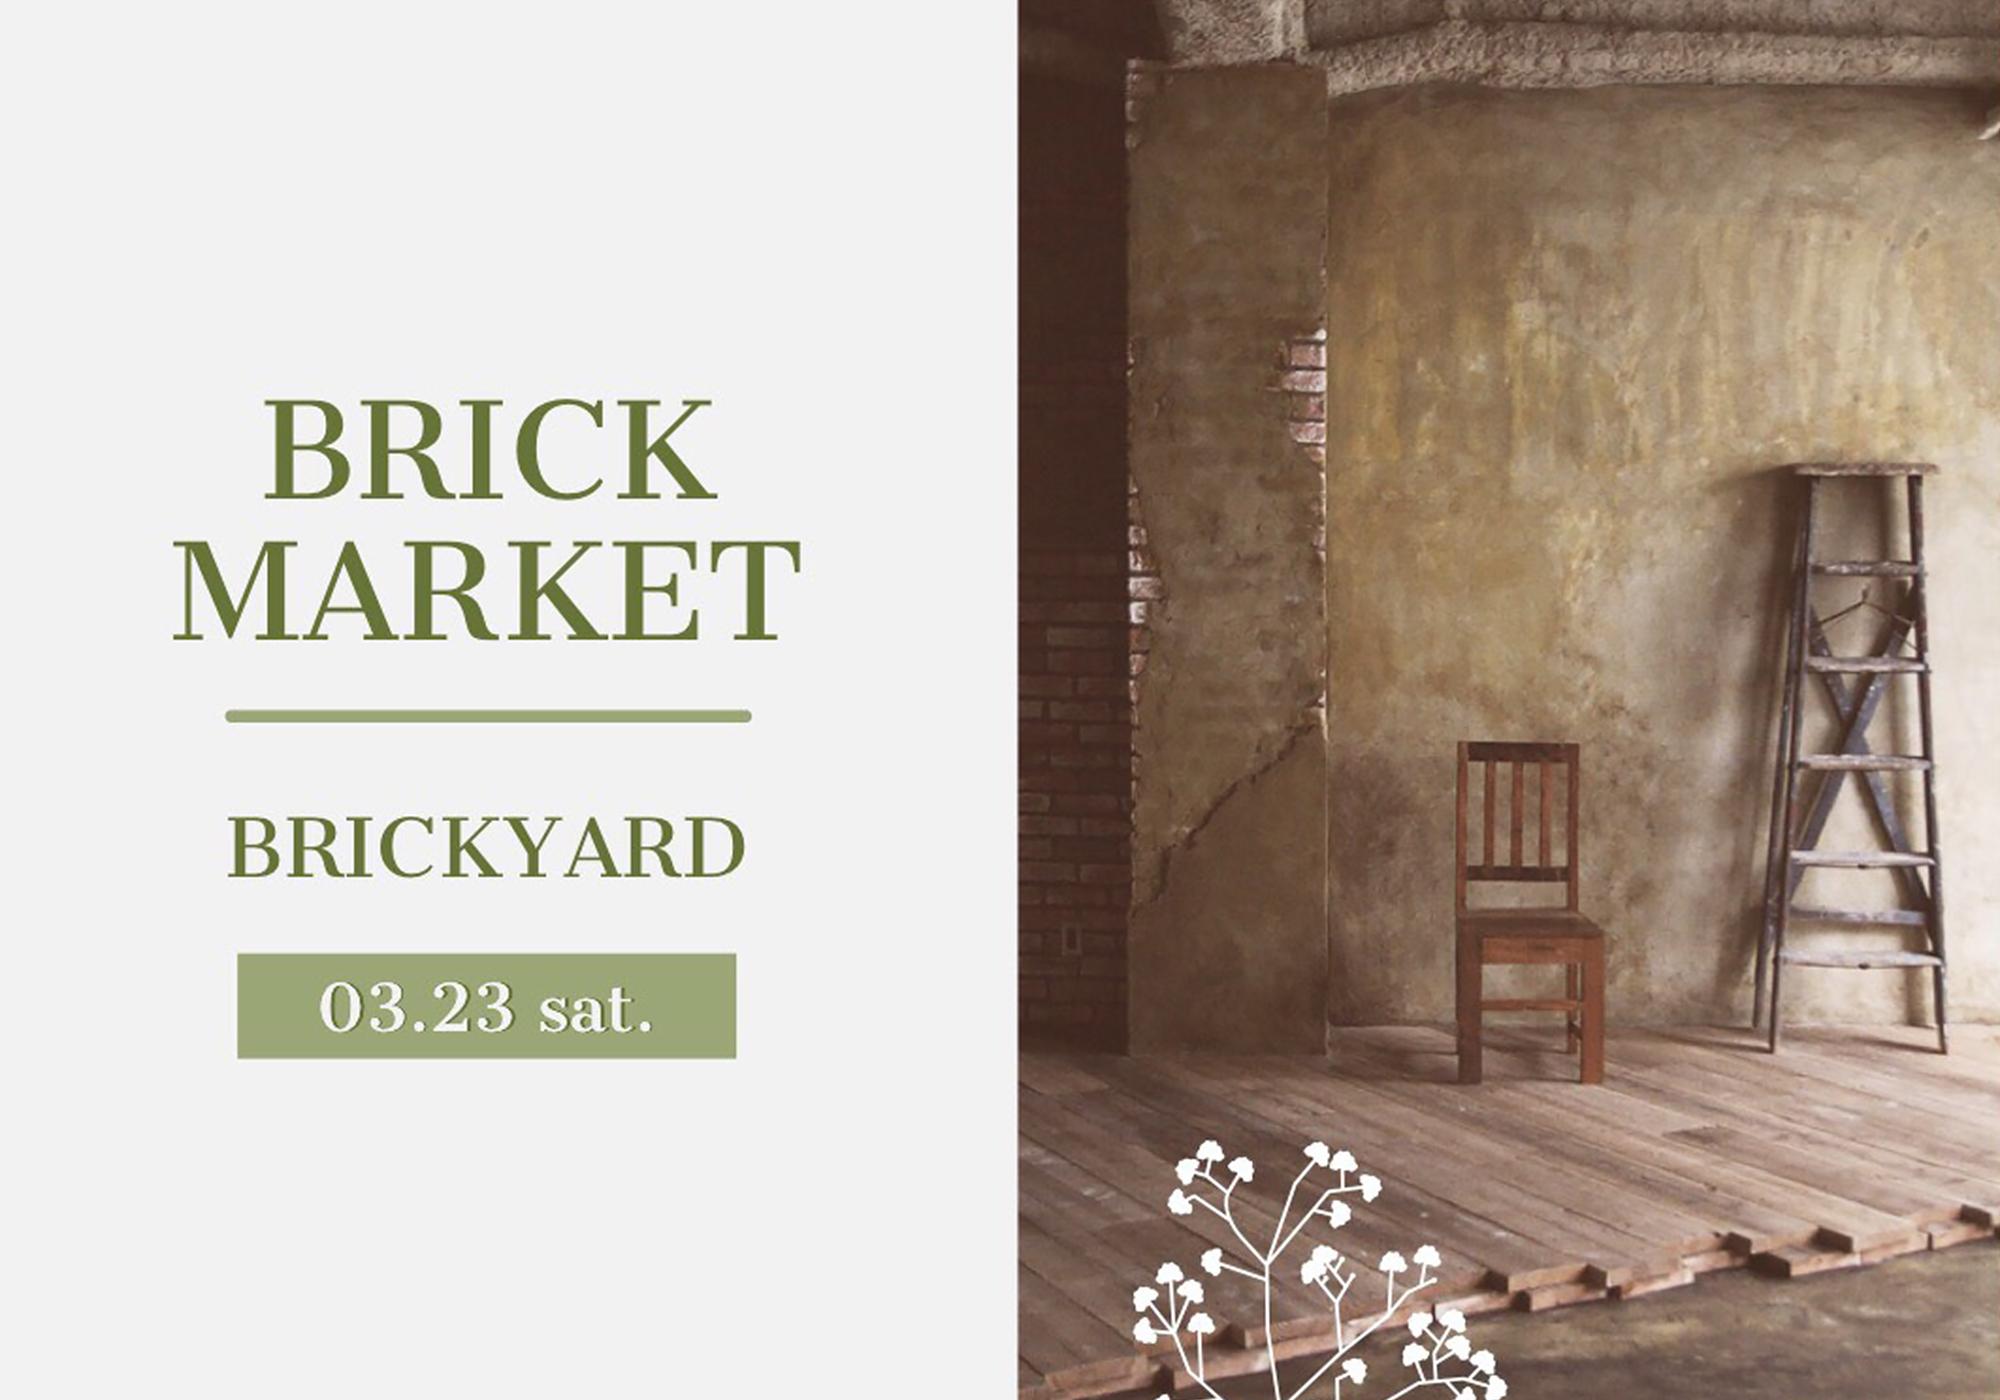 BRICK MARKETに出店します!